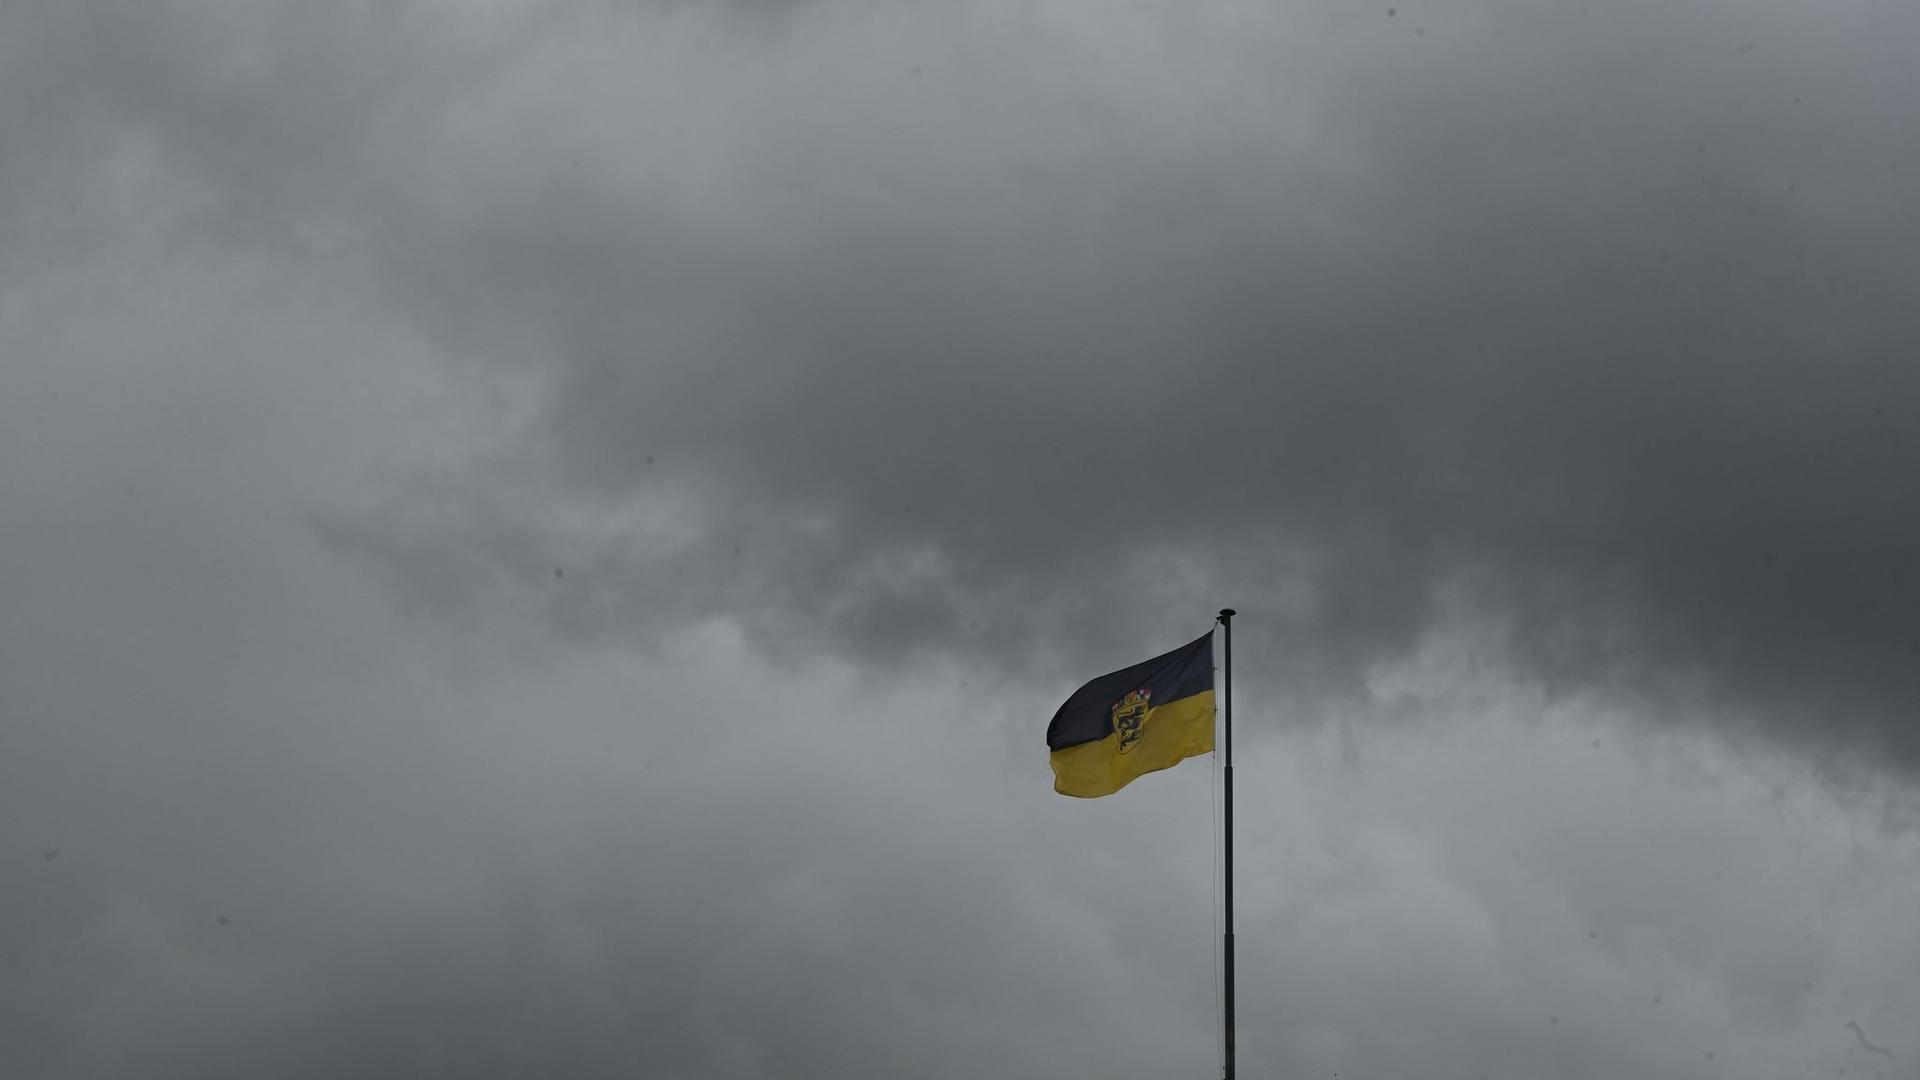 Dunkle Regenwolken über dam Neuen Schloss, auf dem die Flagge von Baden-Württemberg weht.